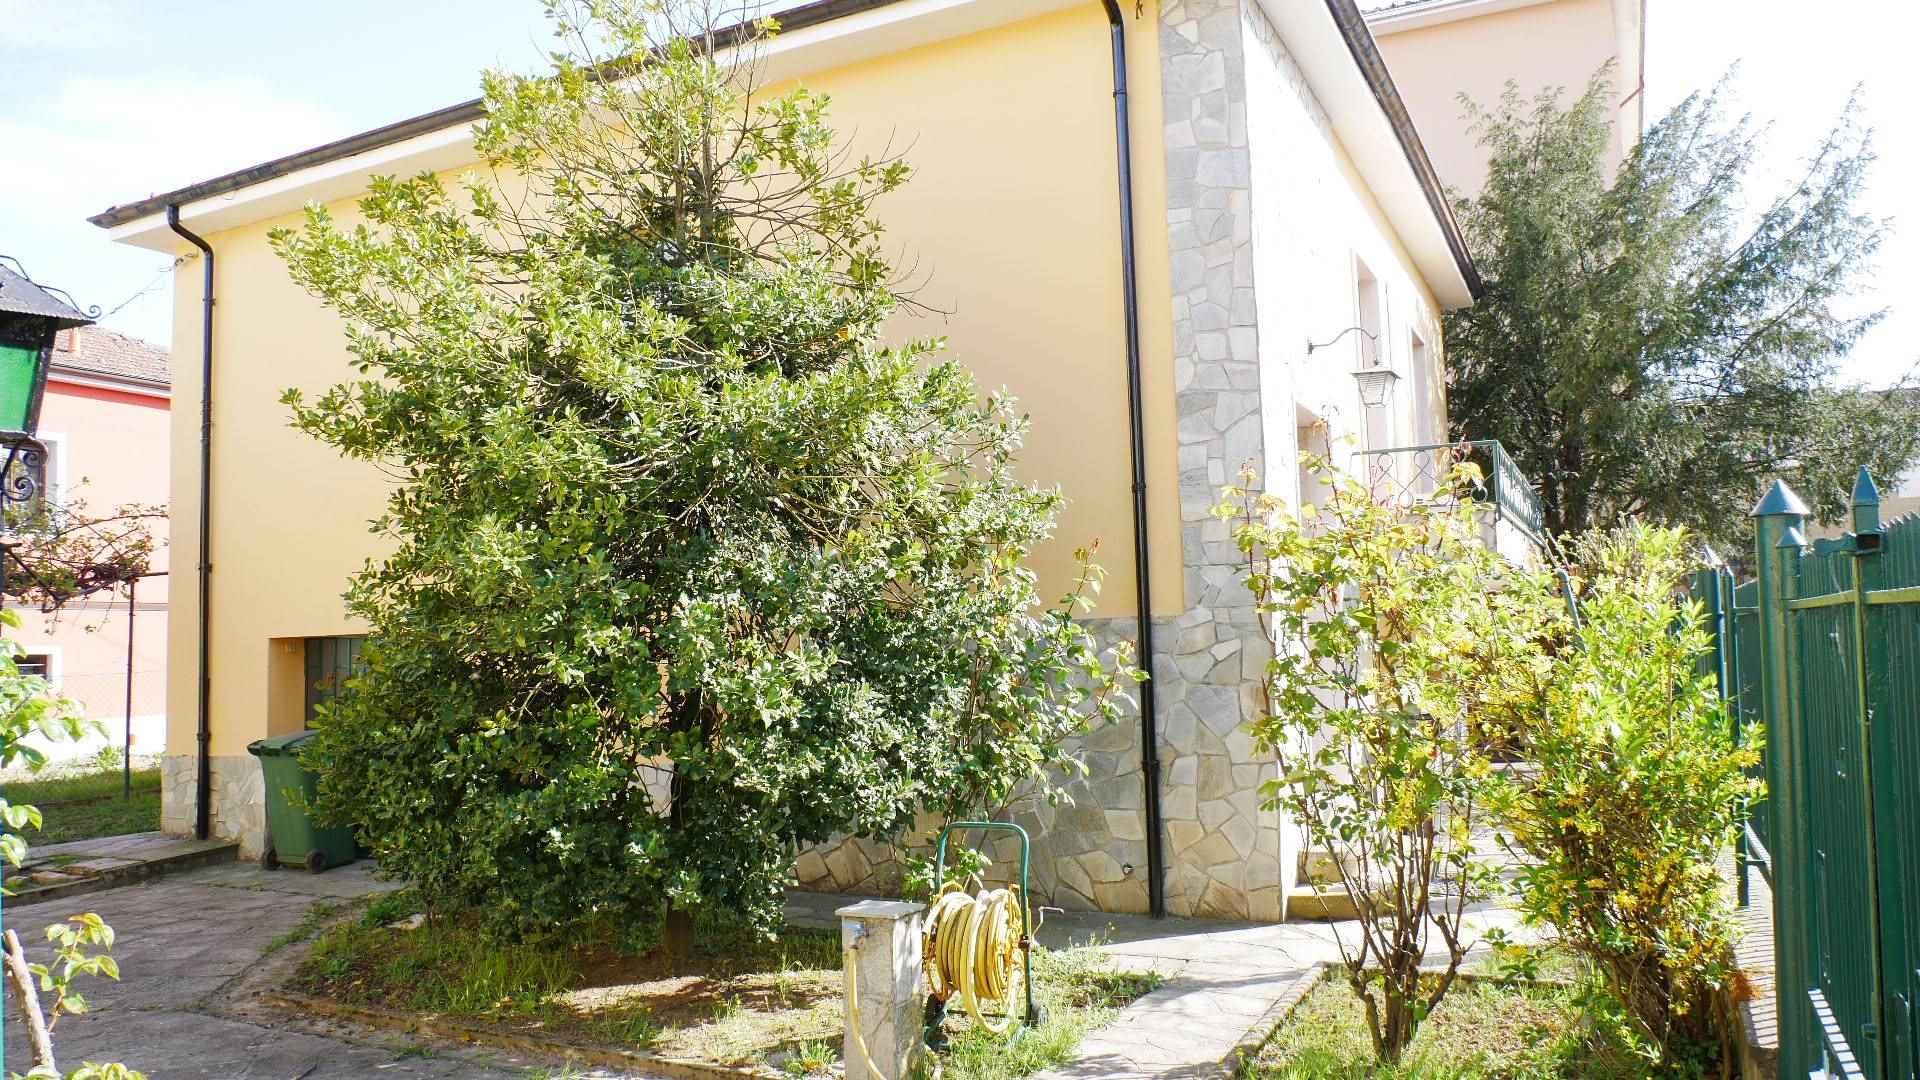 Villa in vendita a Novi Ligure, 7 locali, prezzo € 170.000 | PortaleAgenzieImmobiliari.it